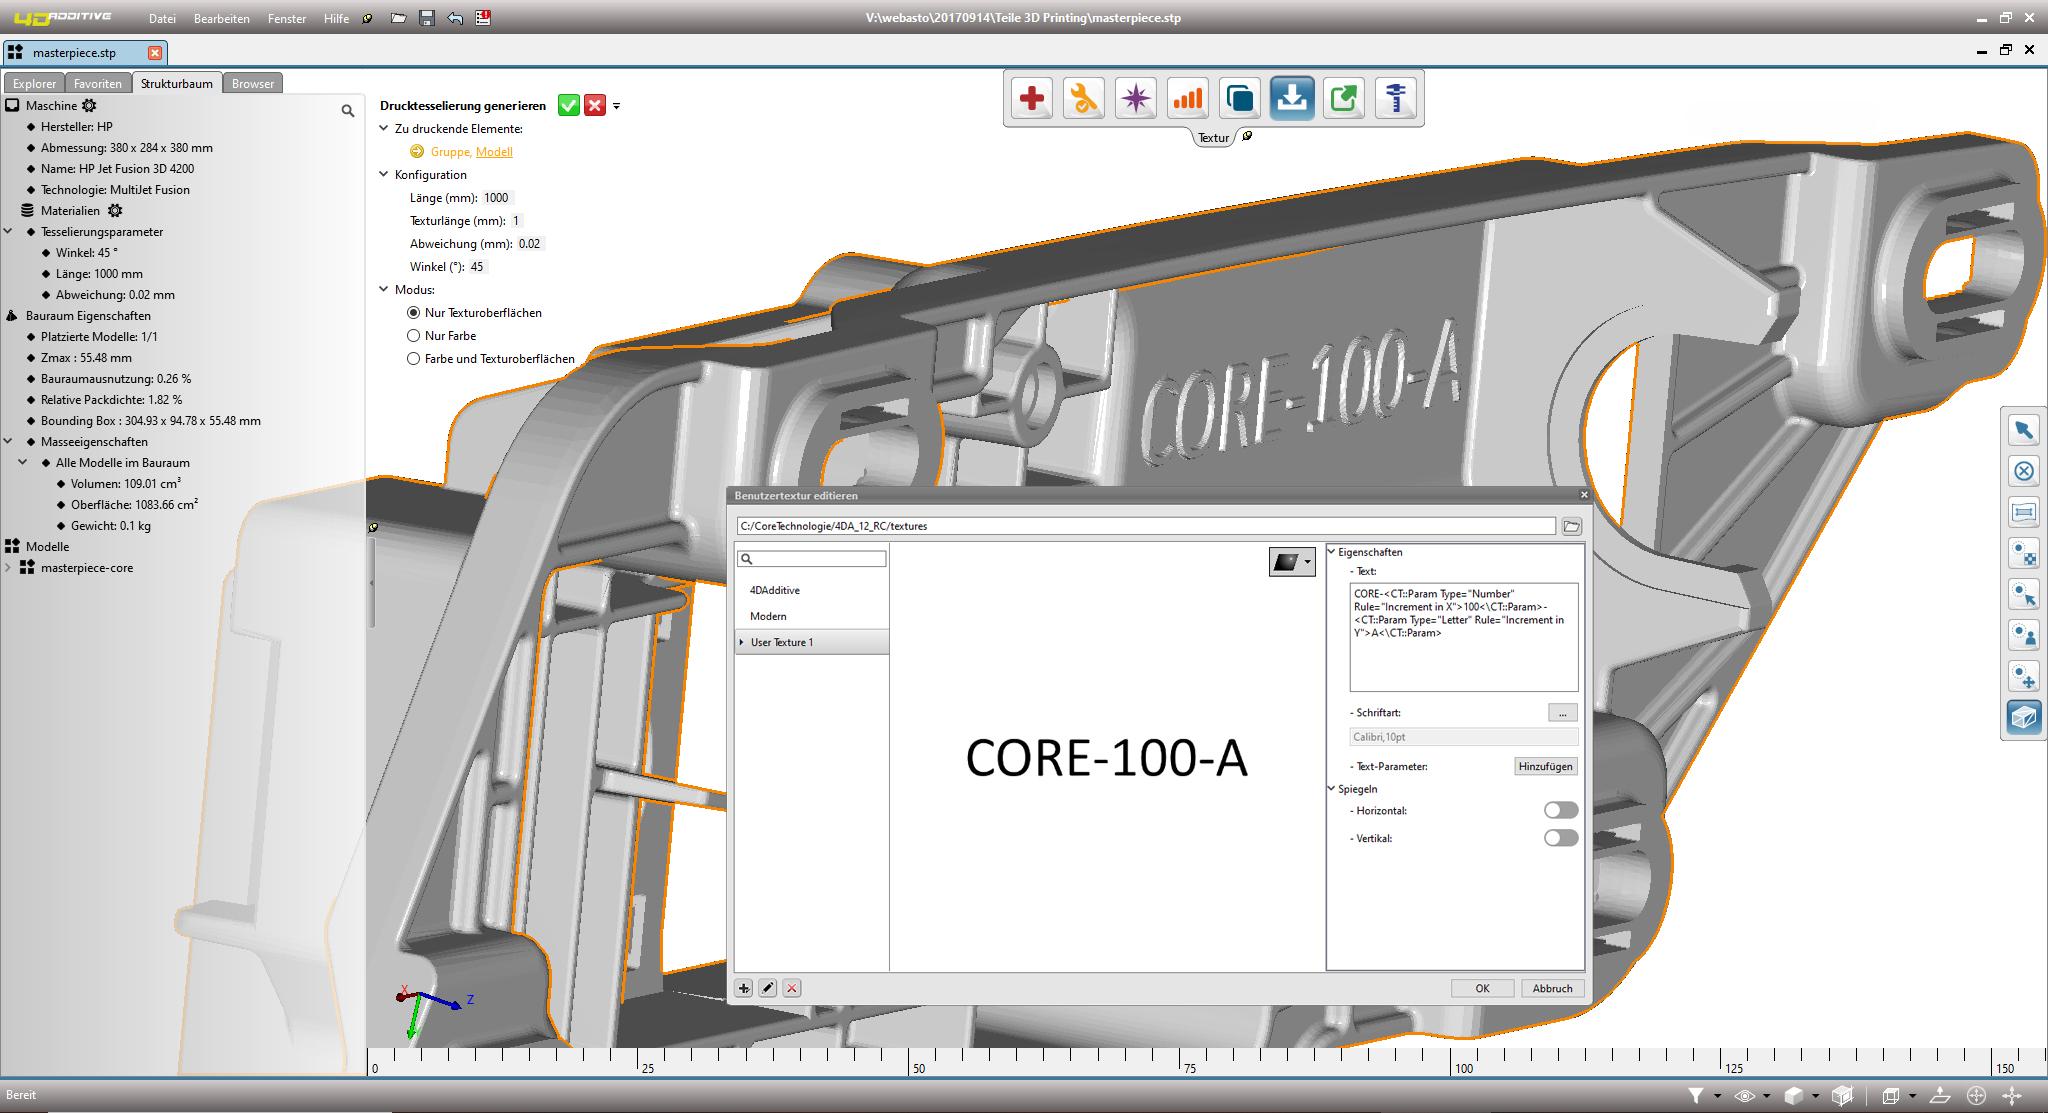 Innovative 4D_Additive Software ermöglicht automatische Beschriftung von 3D-Druckbauteilen